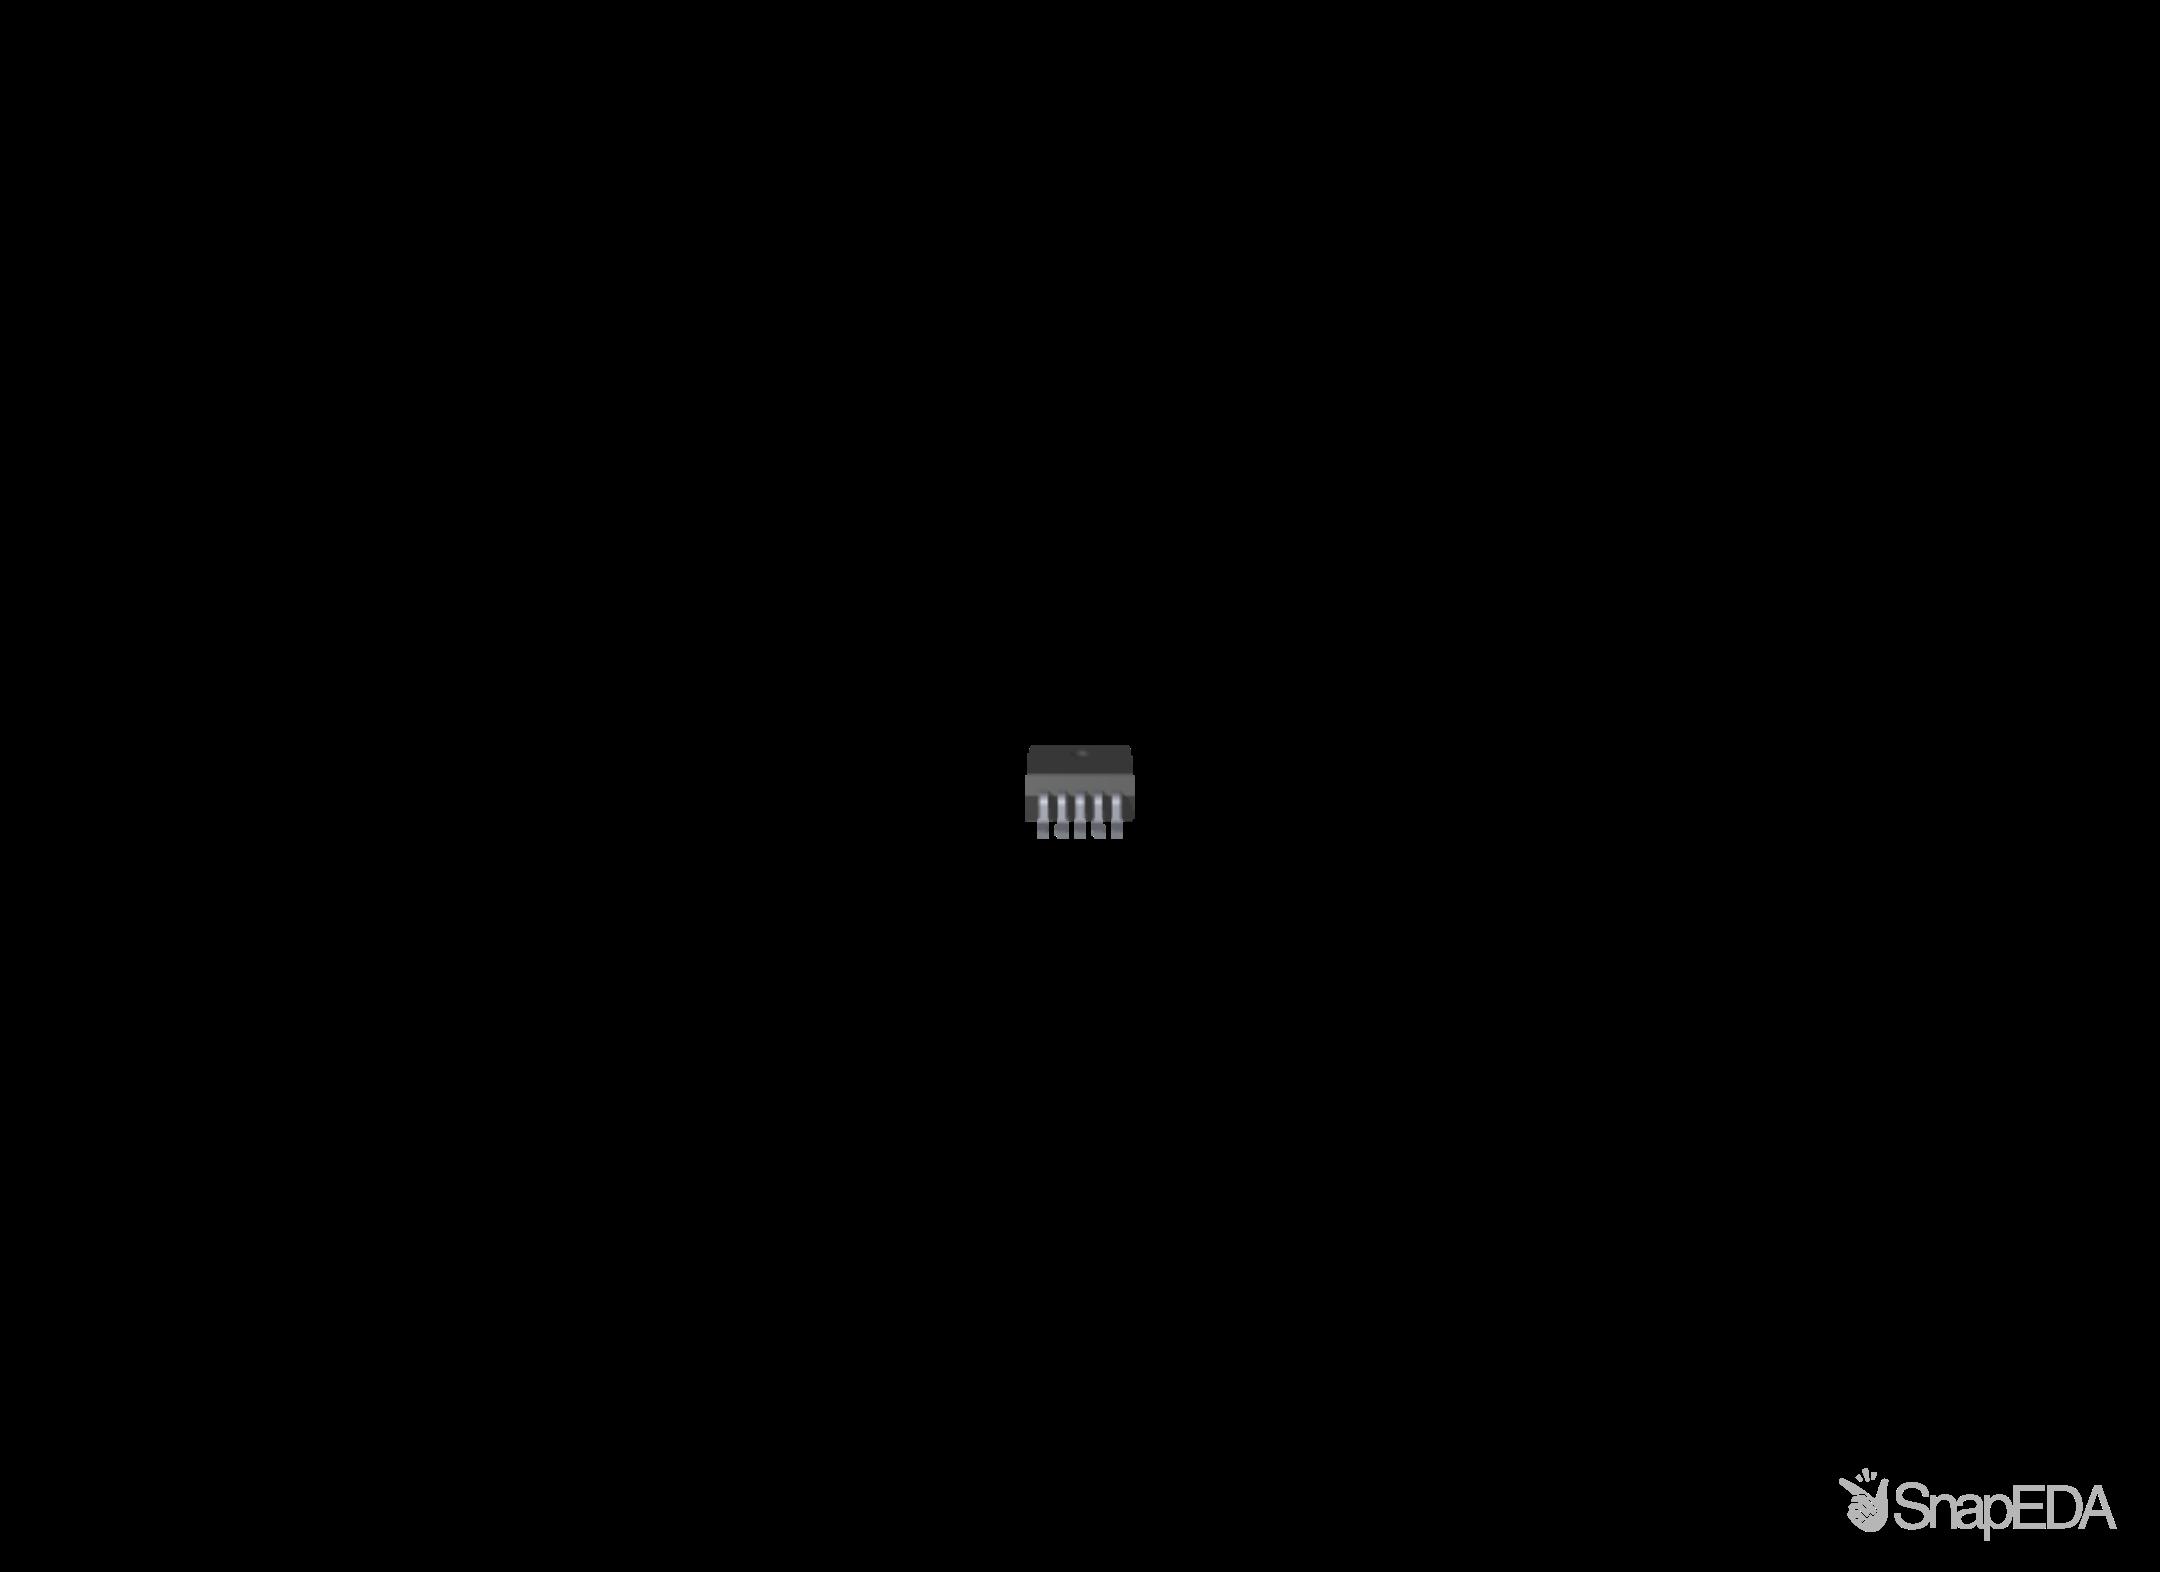 LM2576D2TR4-5G 3D Model